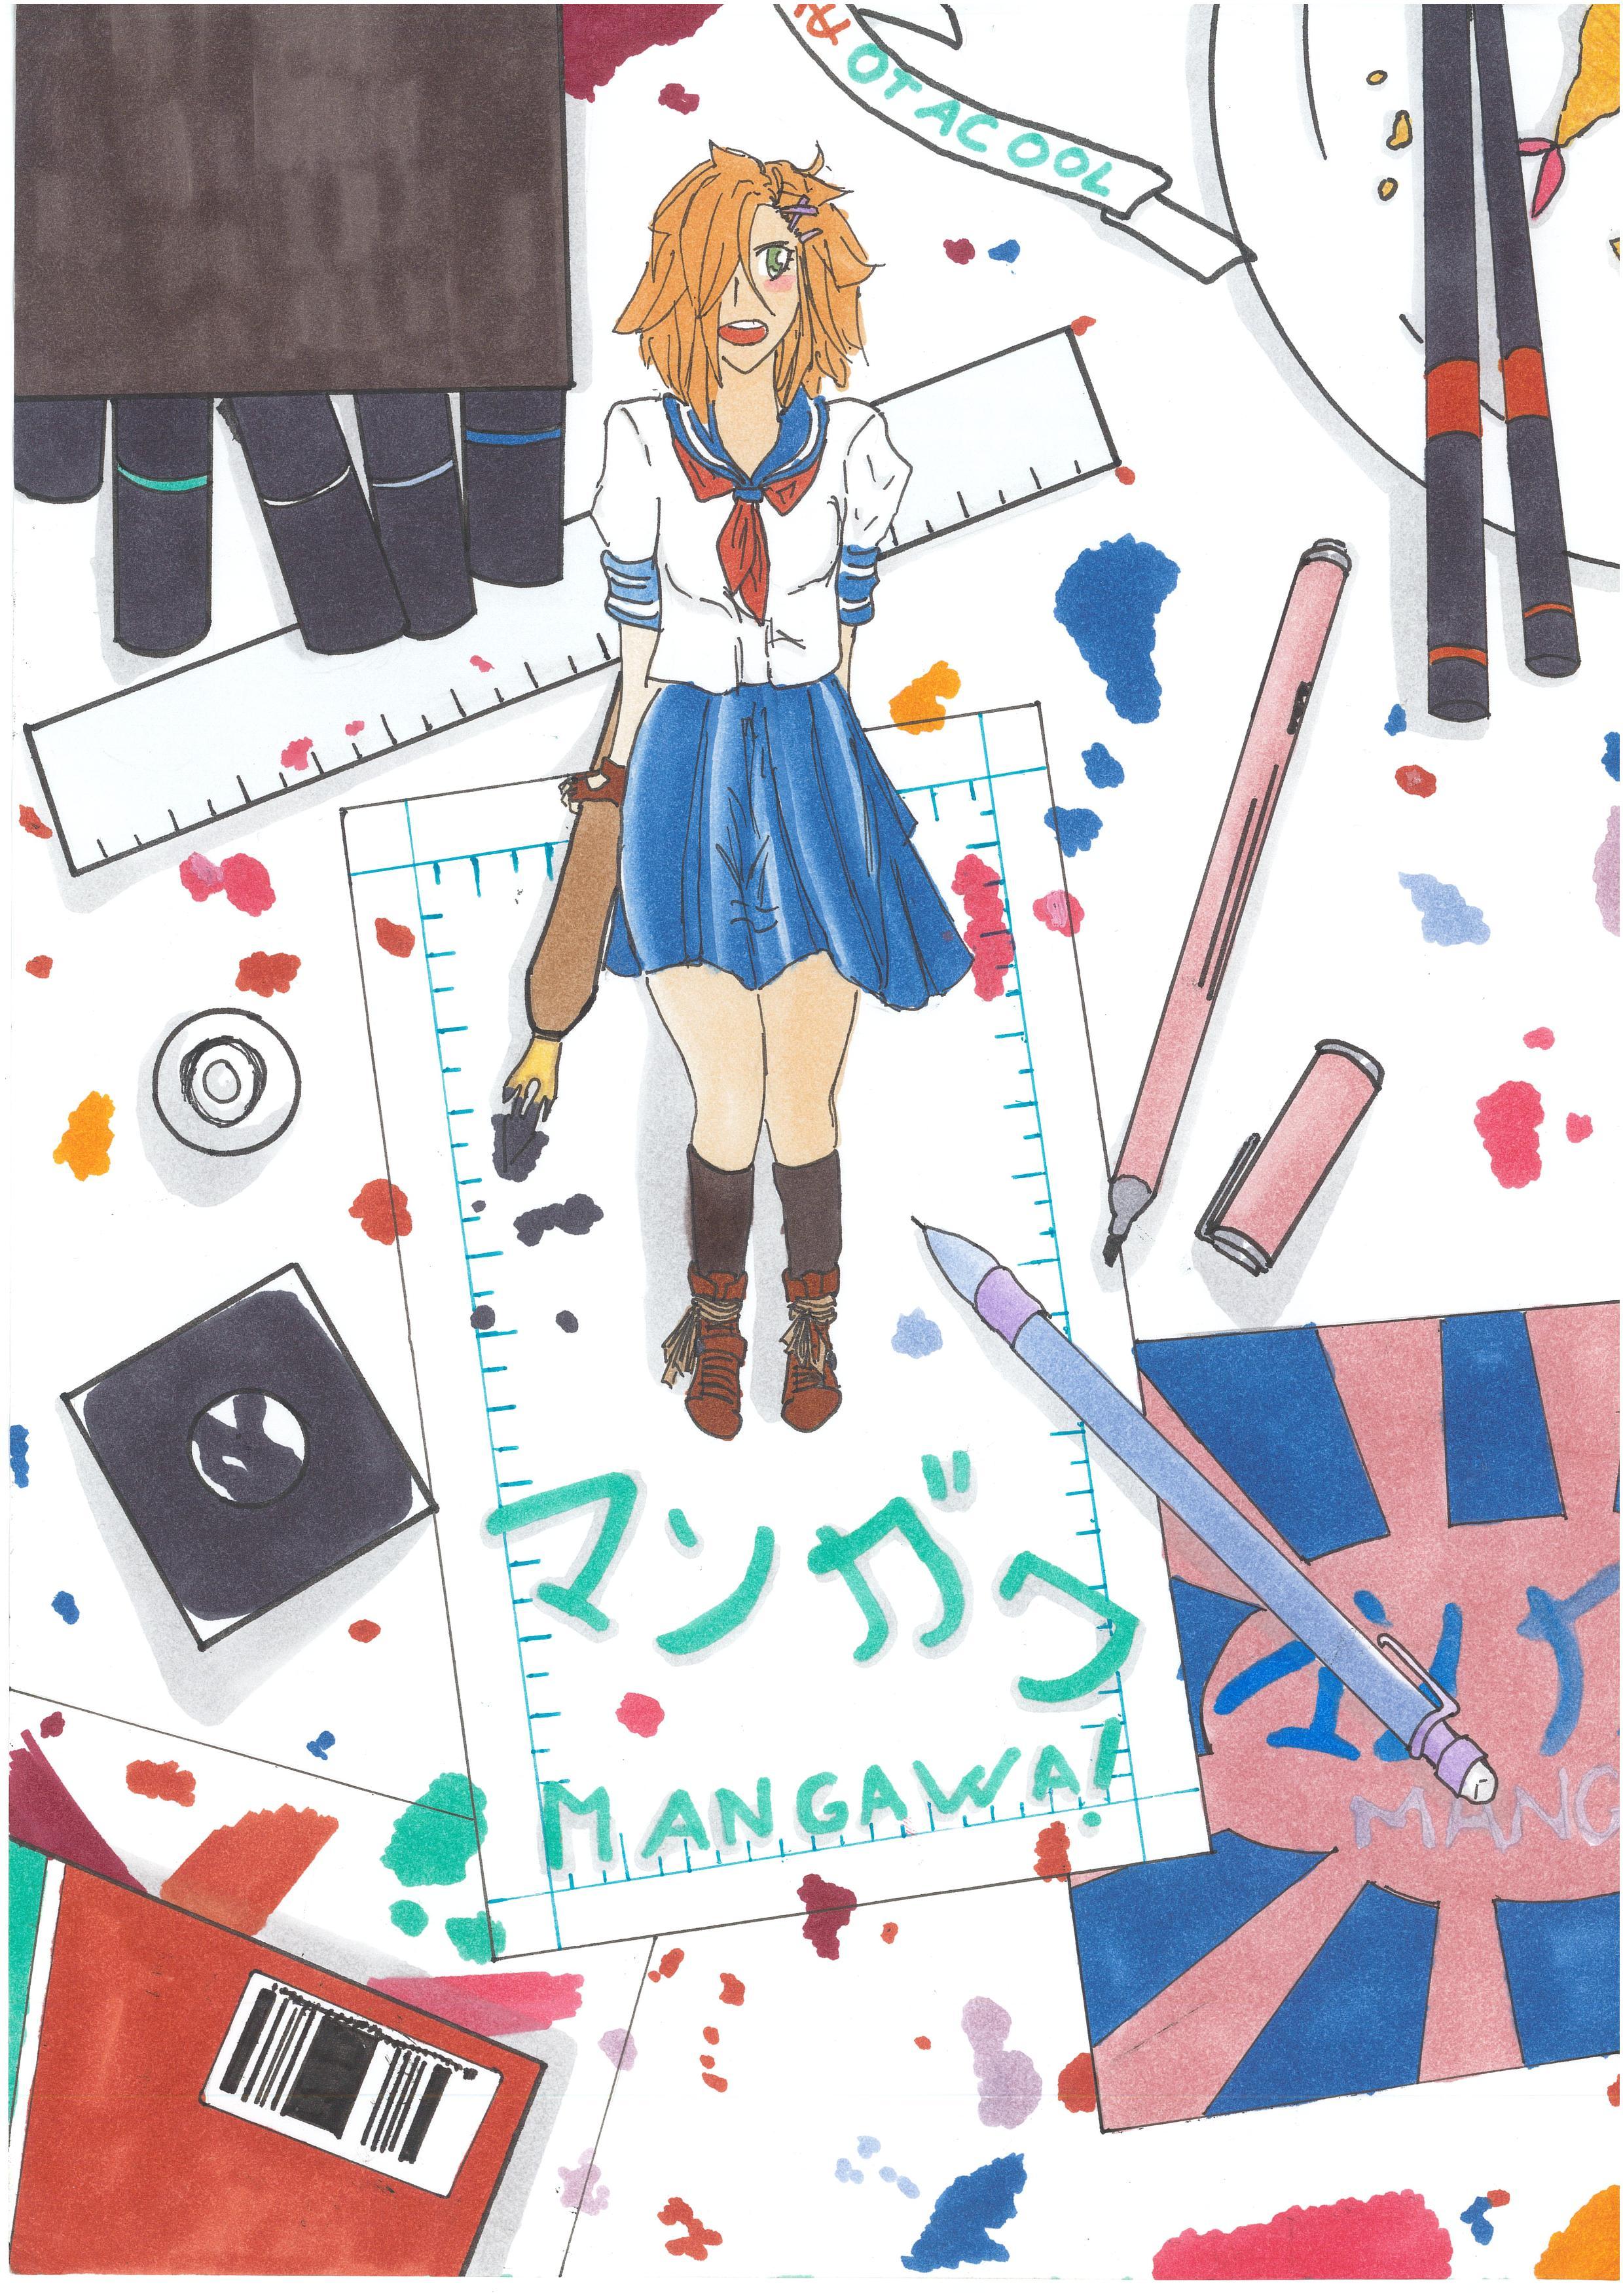 Solvejg MARTIN, élève de 4ème, est présélectionnée au niveau national pour le Prix Mangawa !